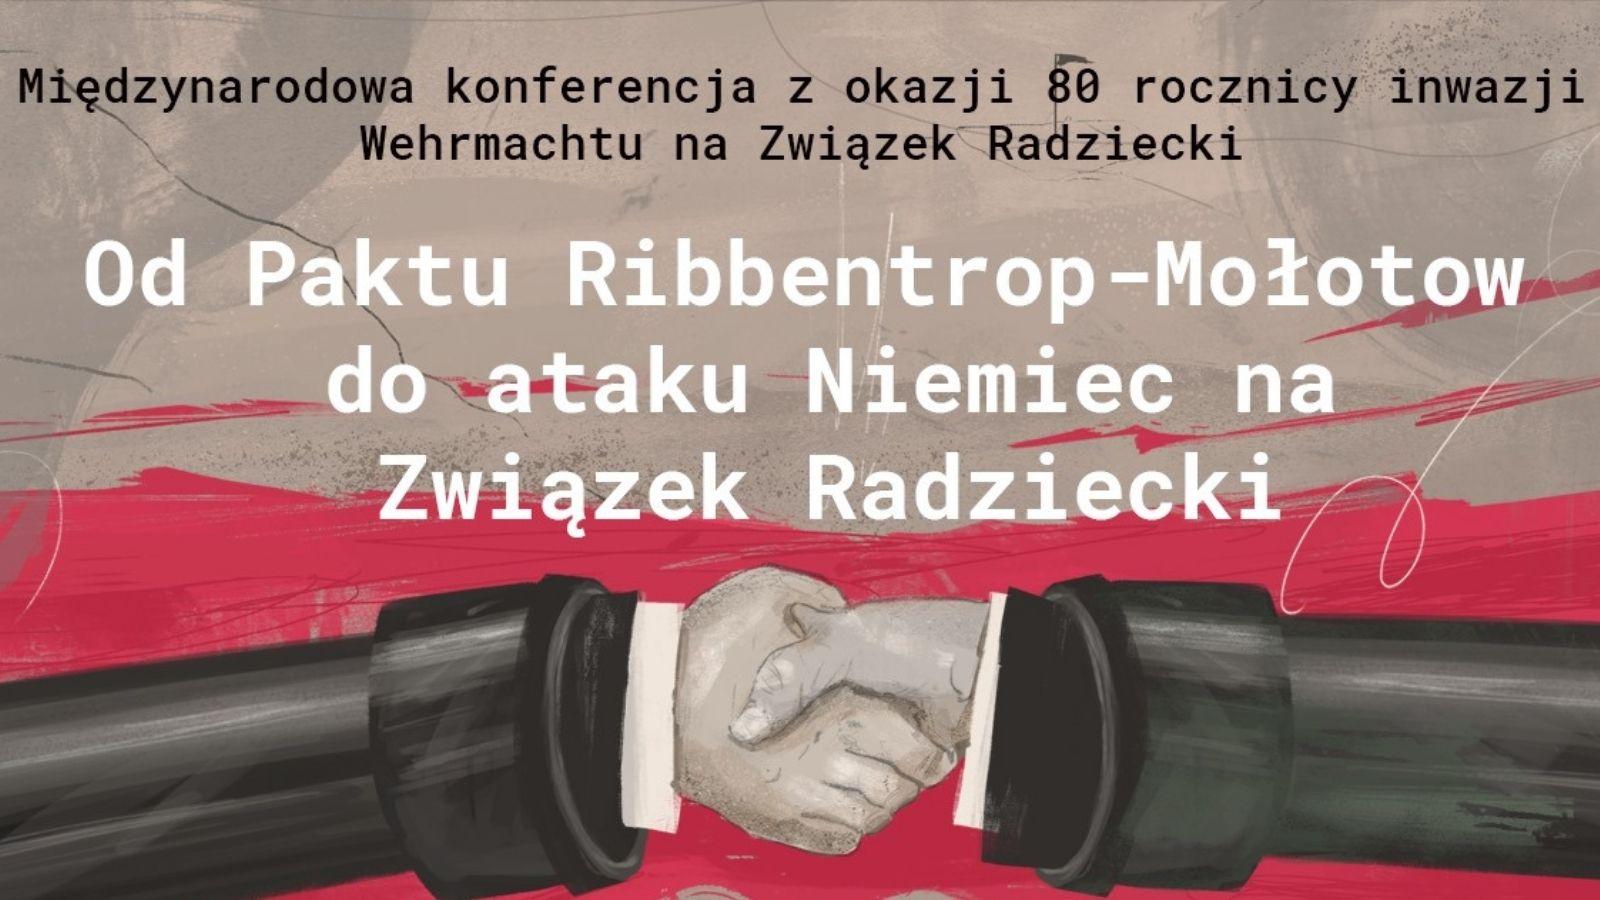 Od paktu Ribbentrop-Mołotow do ataku Niemiec na Związek Radziecki